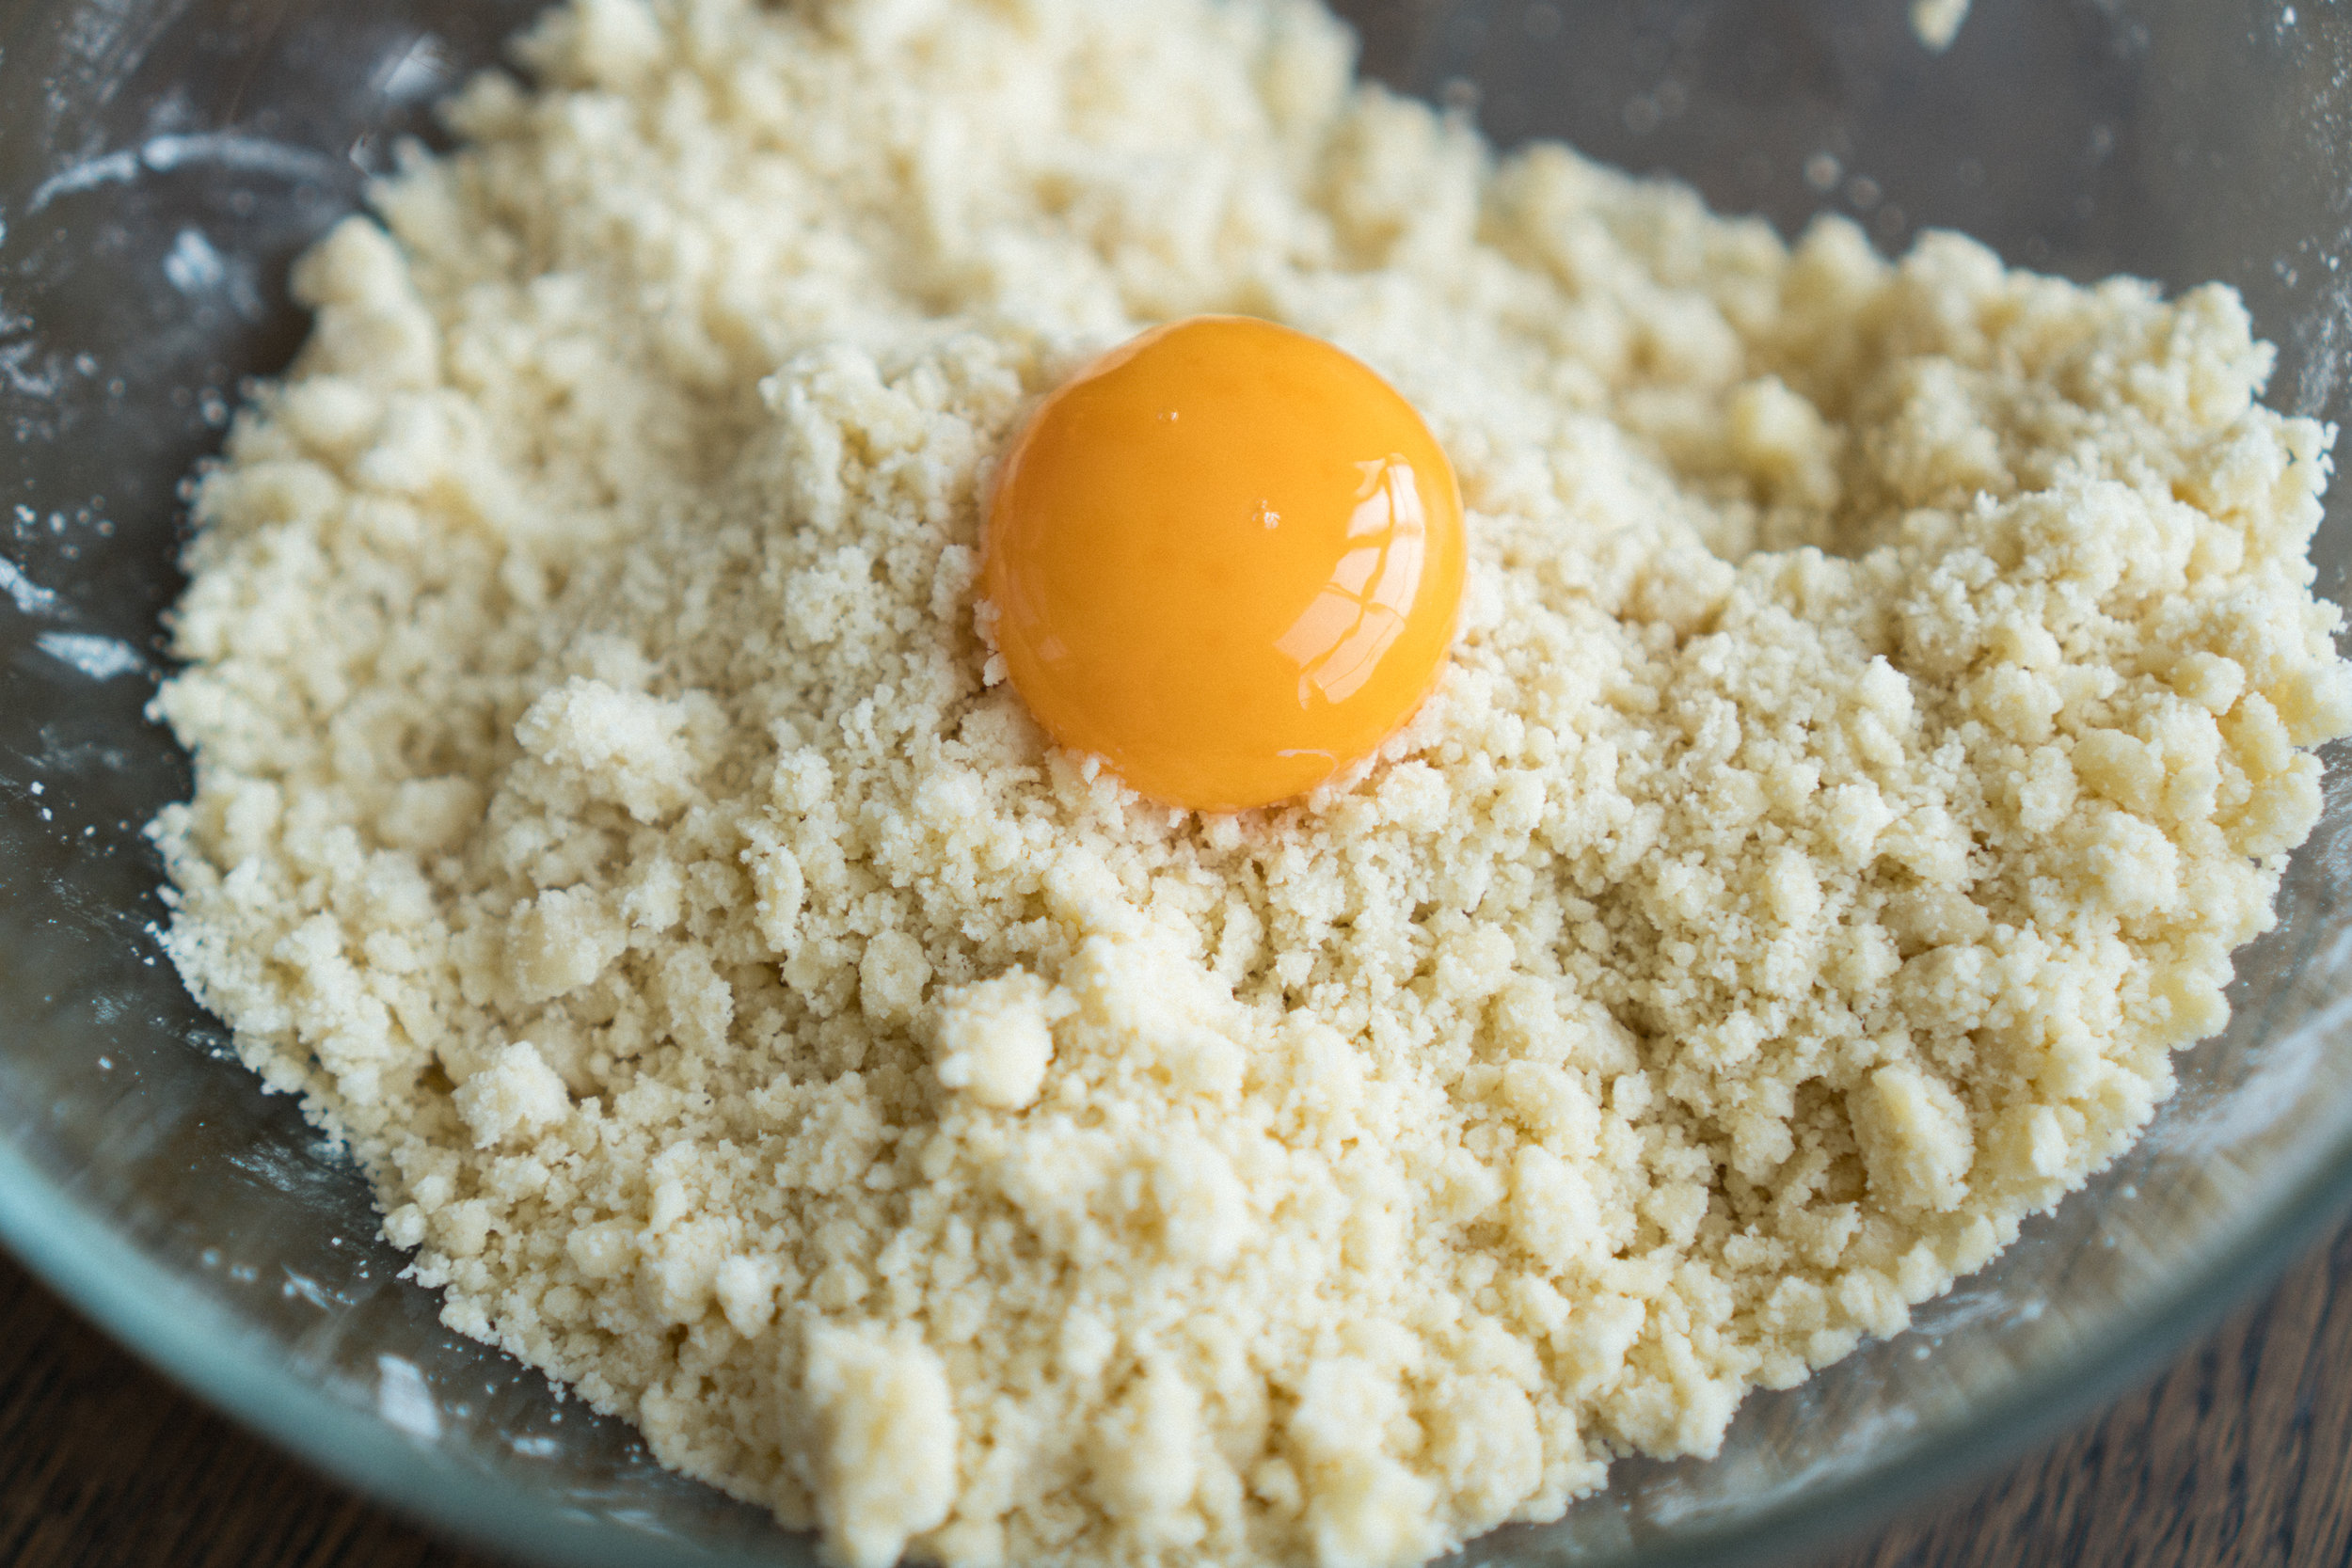 Add one egg yolk.